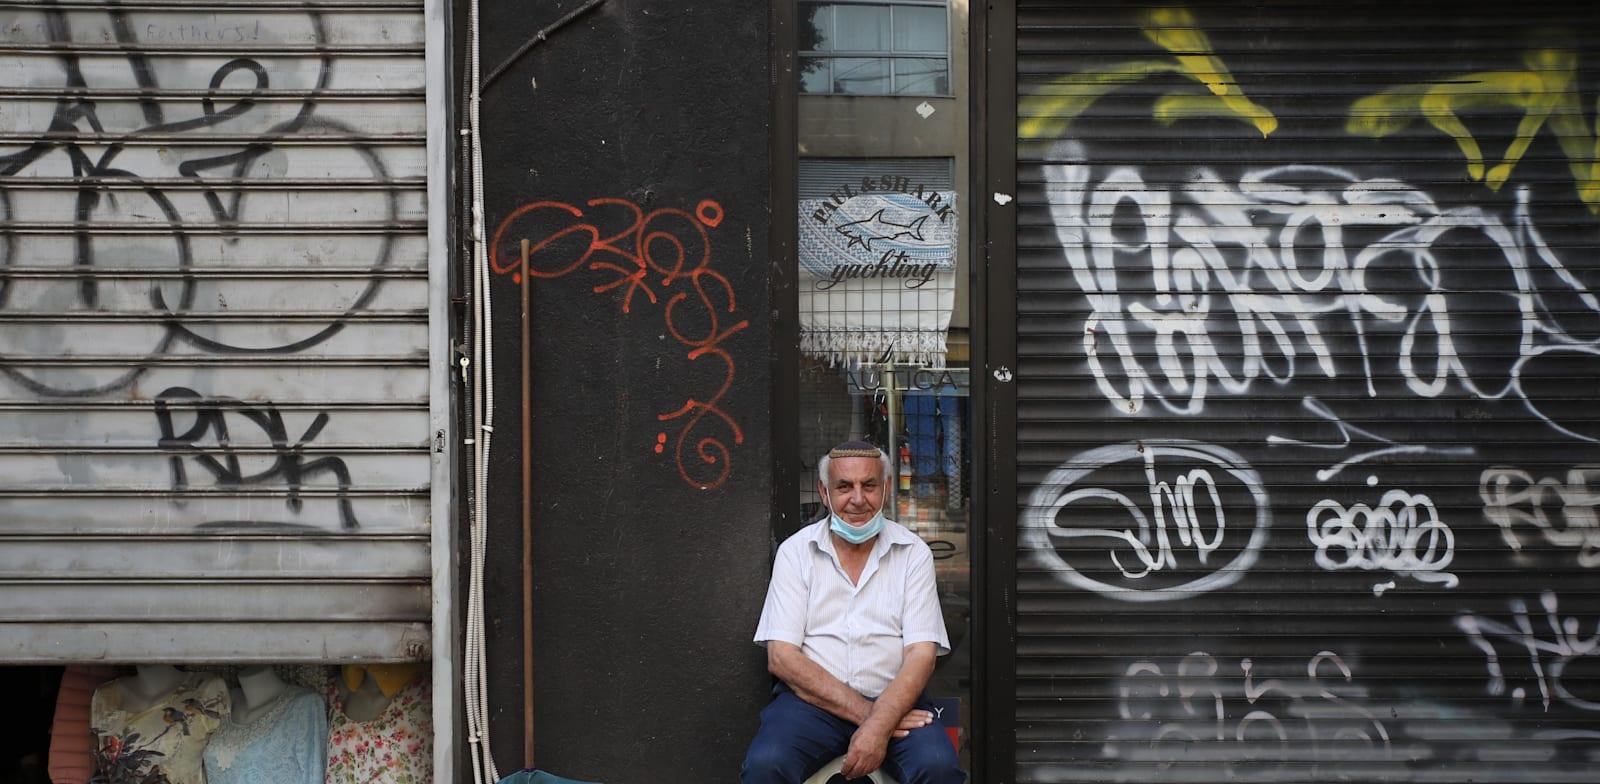 חנויות סגורות ברחוב קינג ג'ורג' בתל אביב בתחילת נובמבר / צילום: כדיה לוי